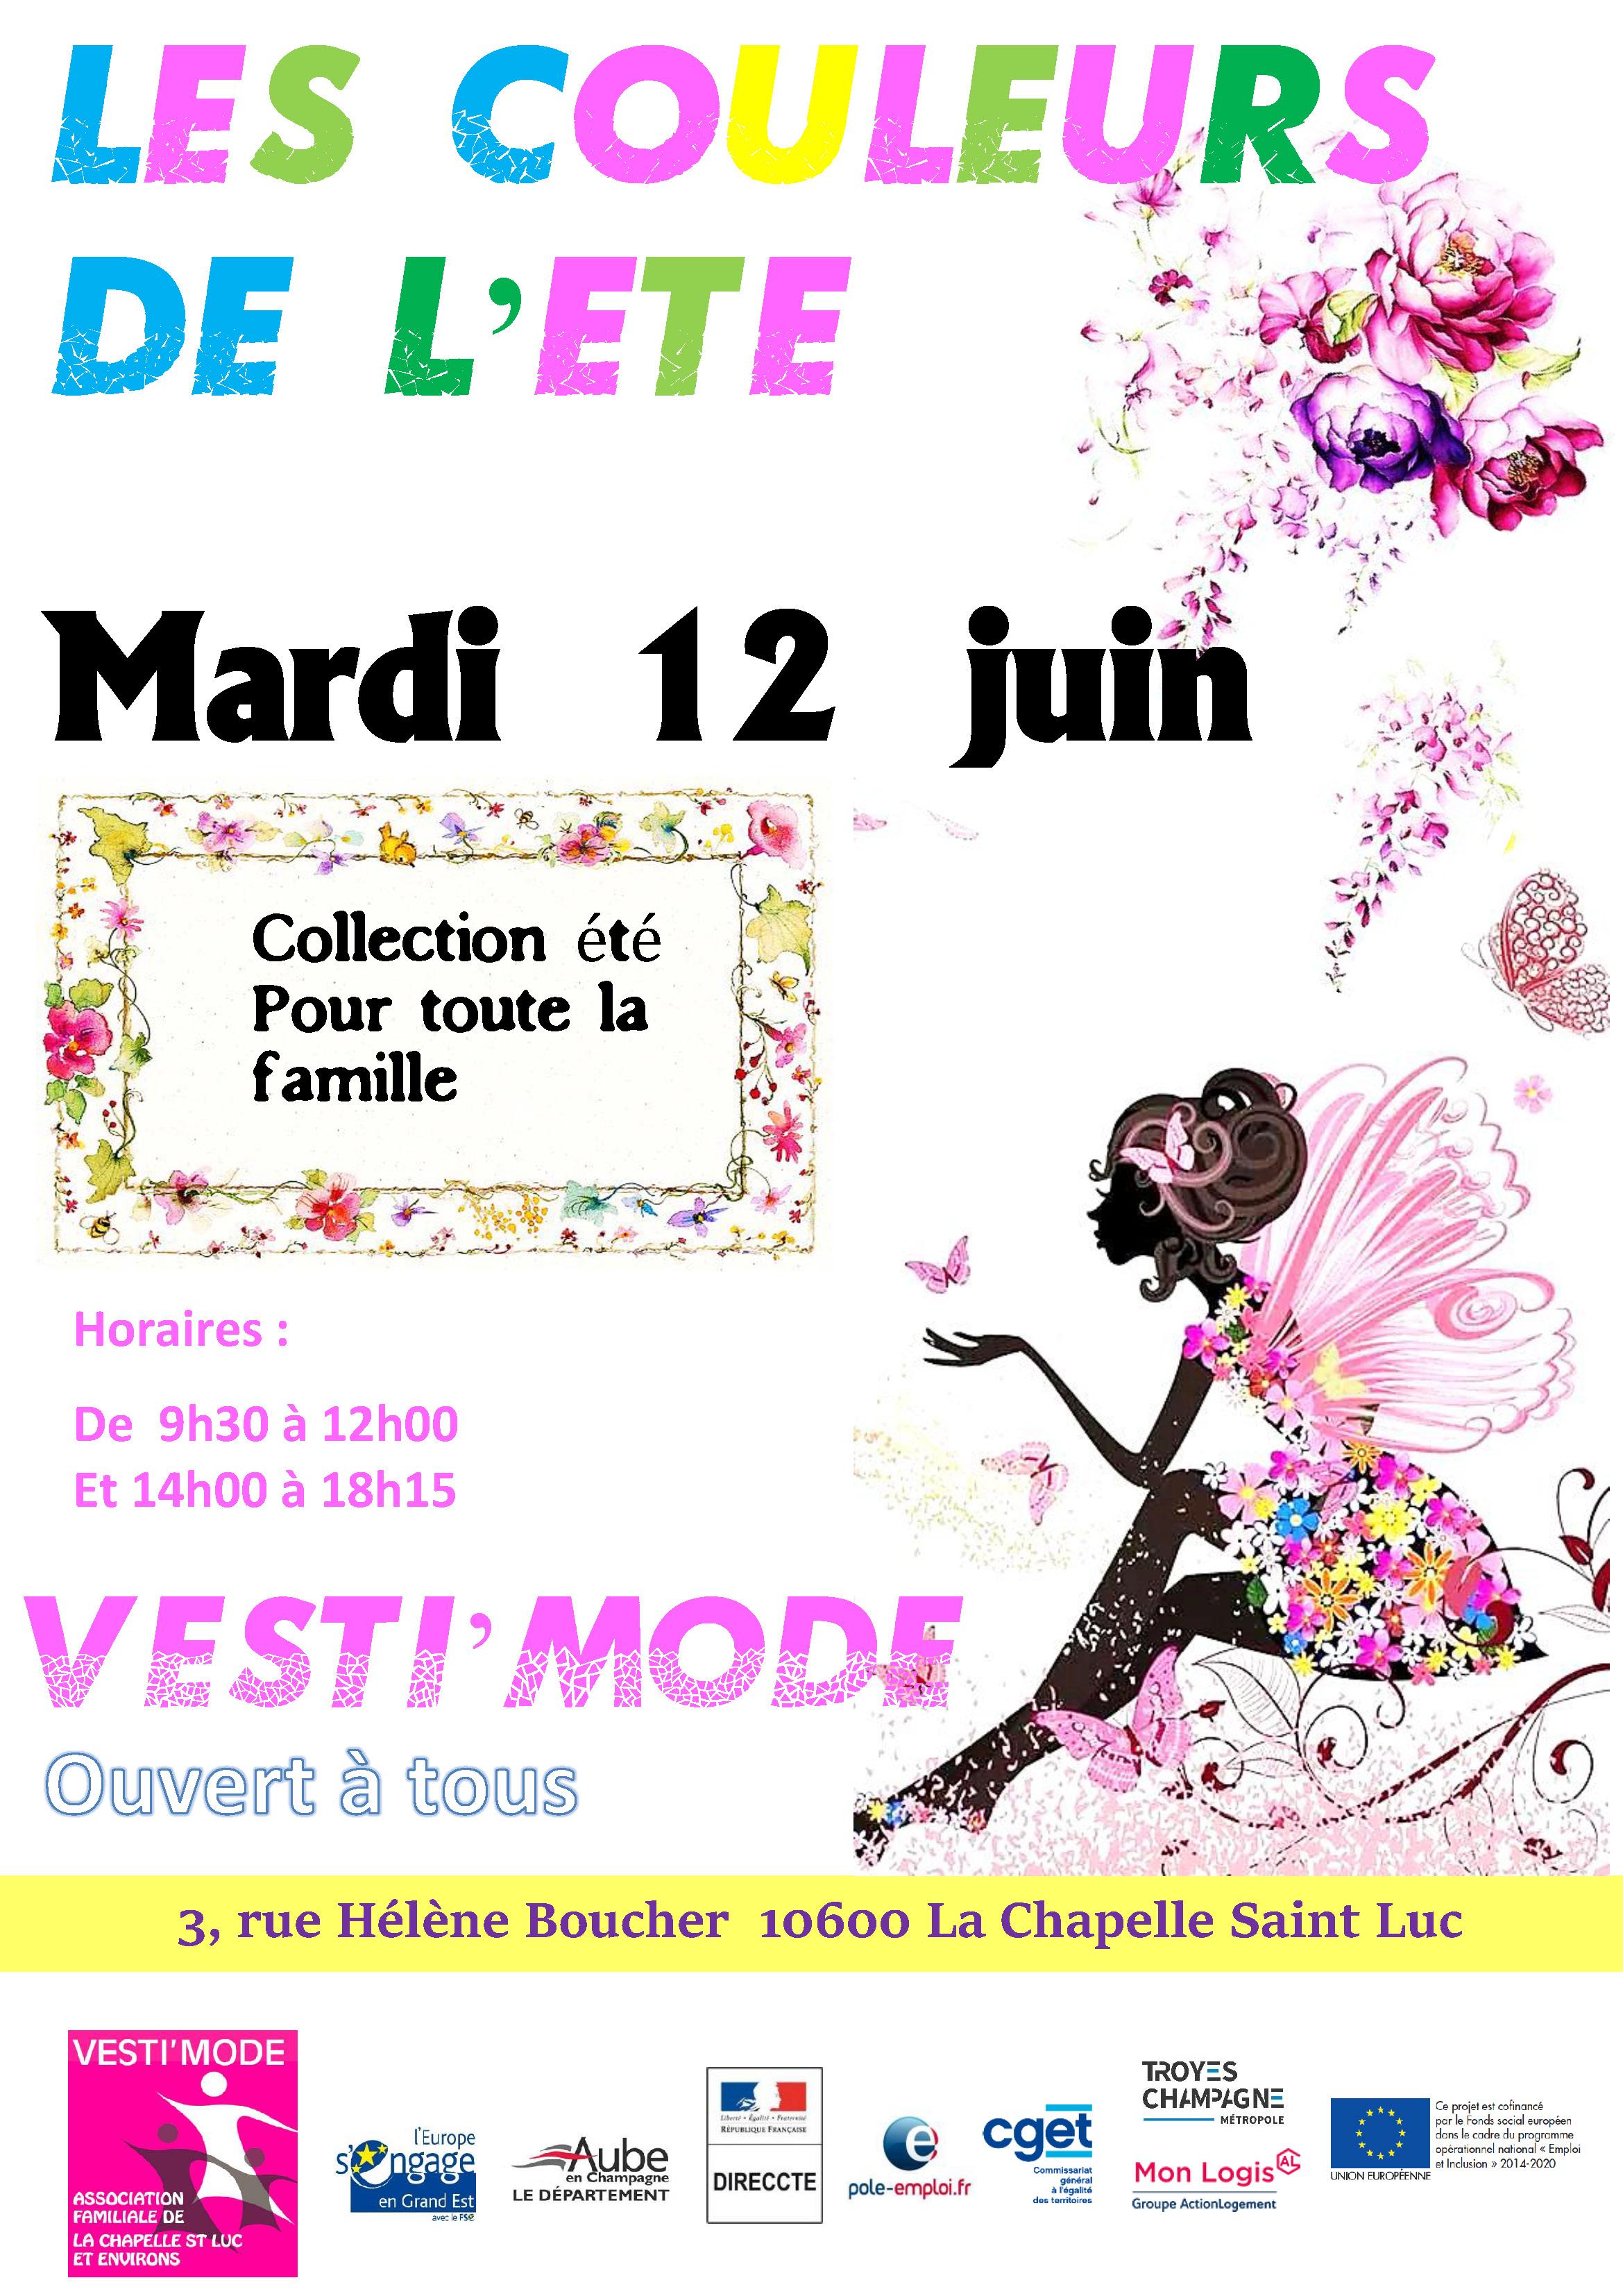 affiche vente collection été mardi 12 juin